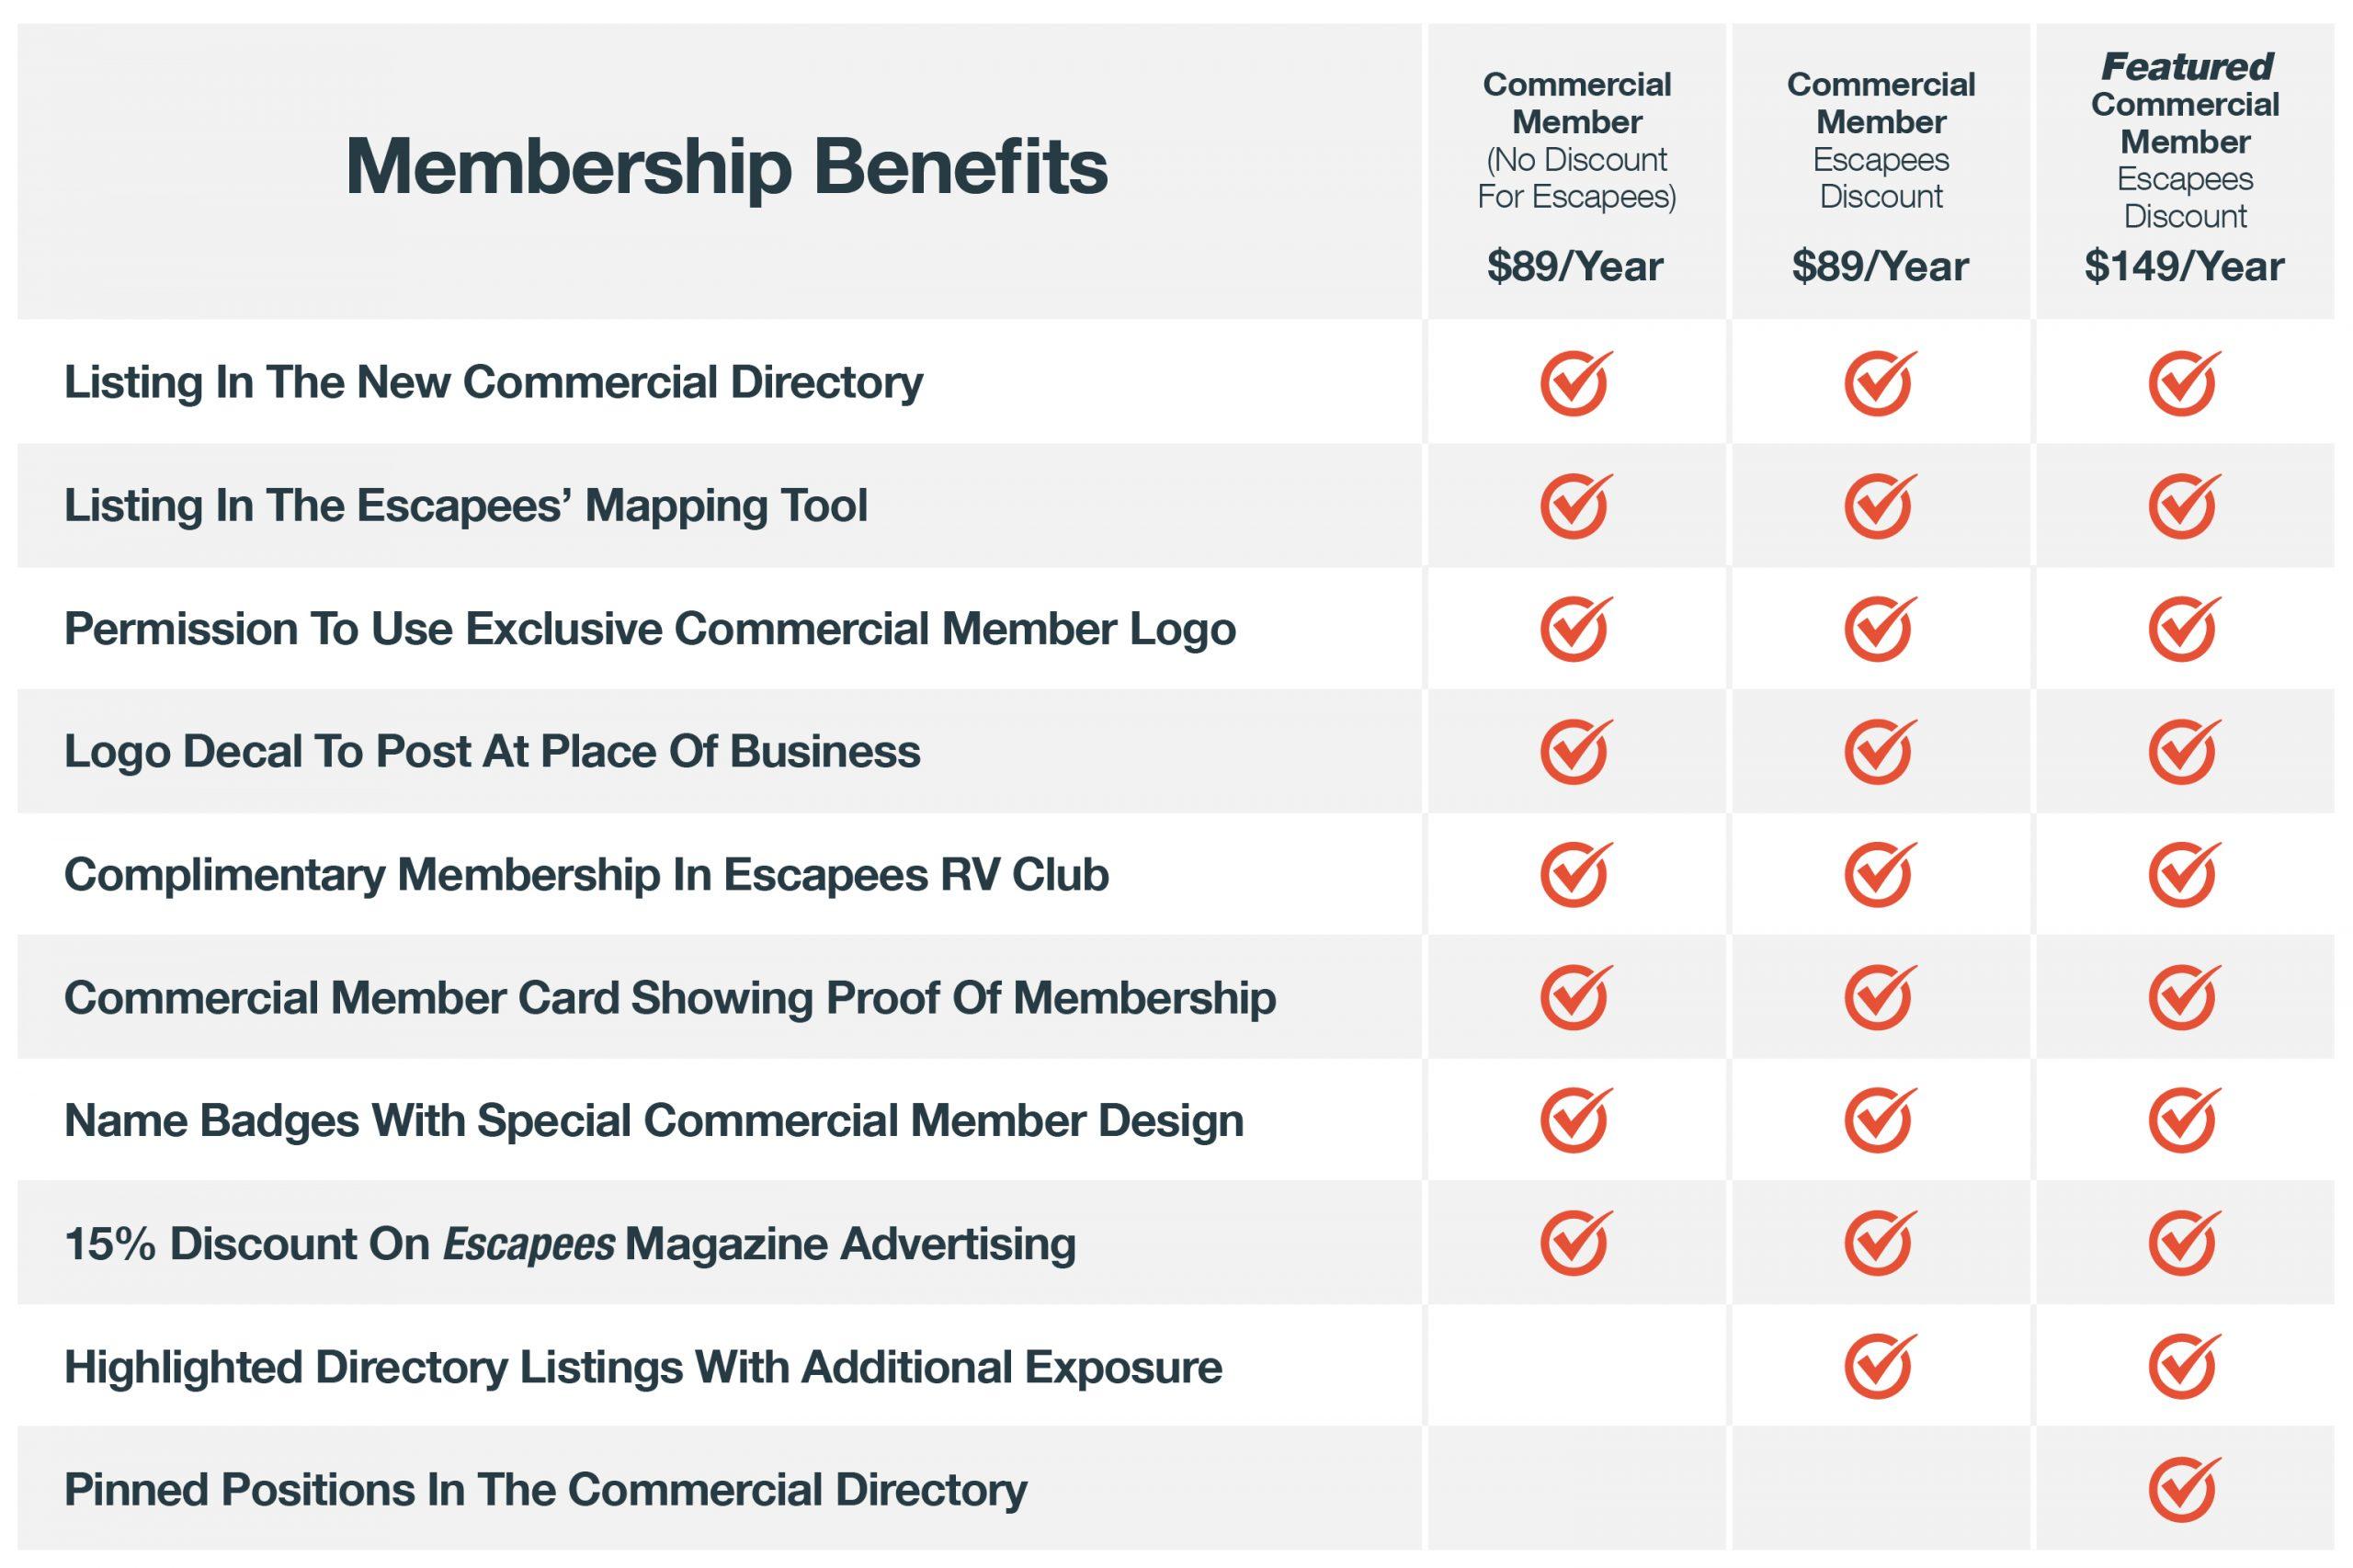 Commercial Member Program Benefits List